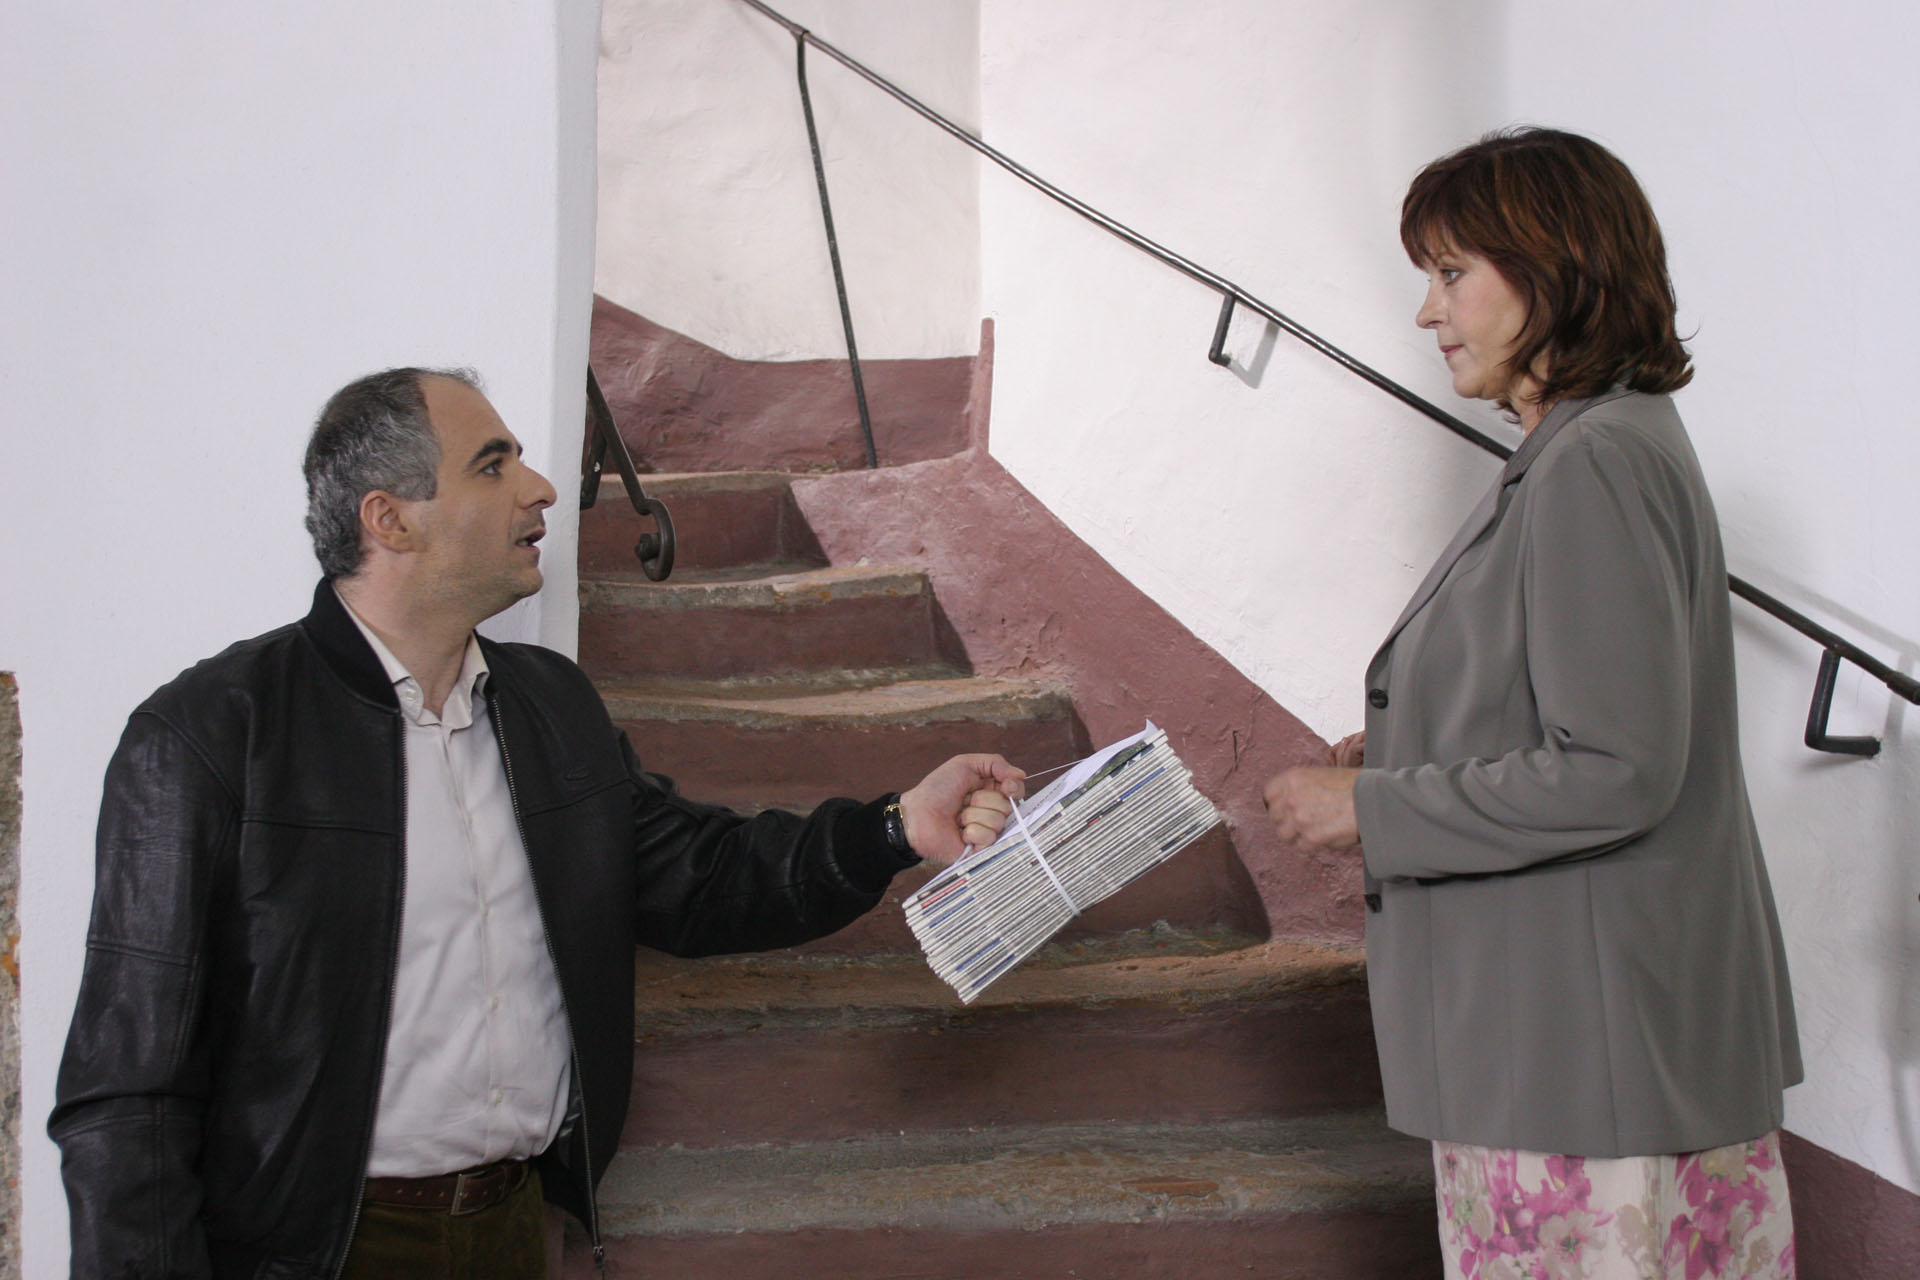 © ORF / Petro Domenigg (Star*Film) - Michael Niavarani, Elfi Eschke